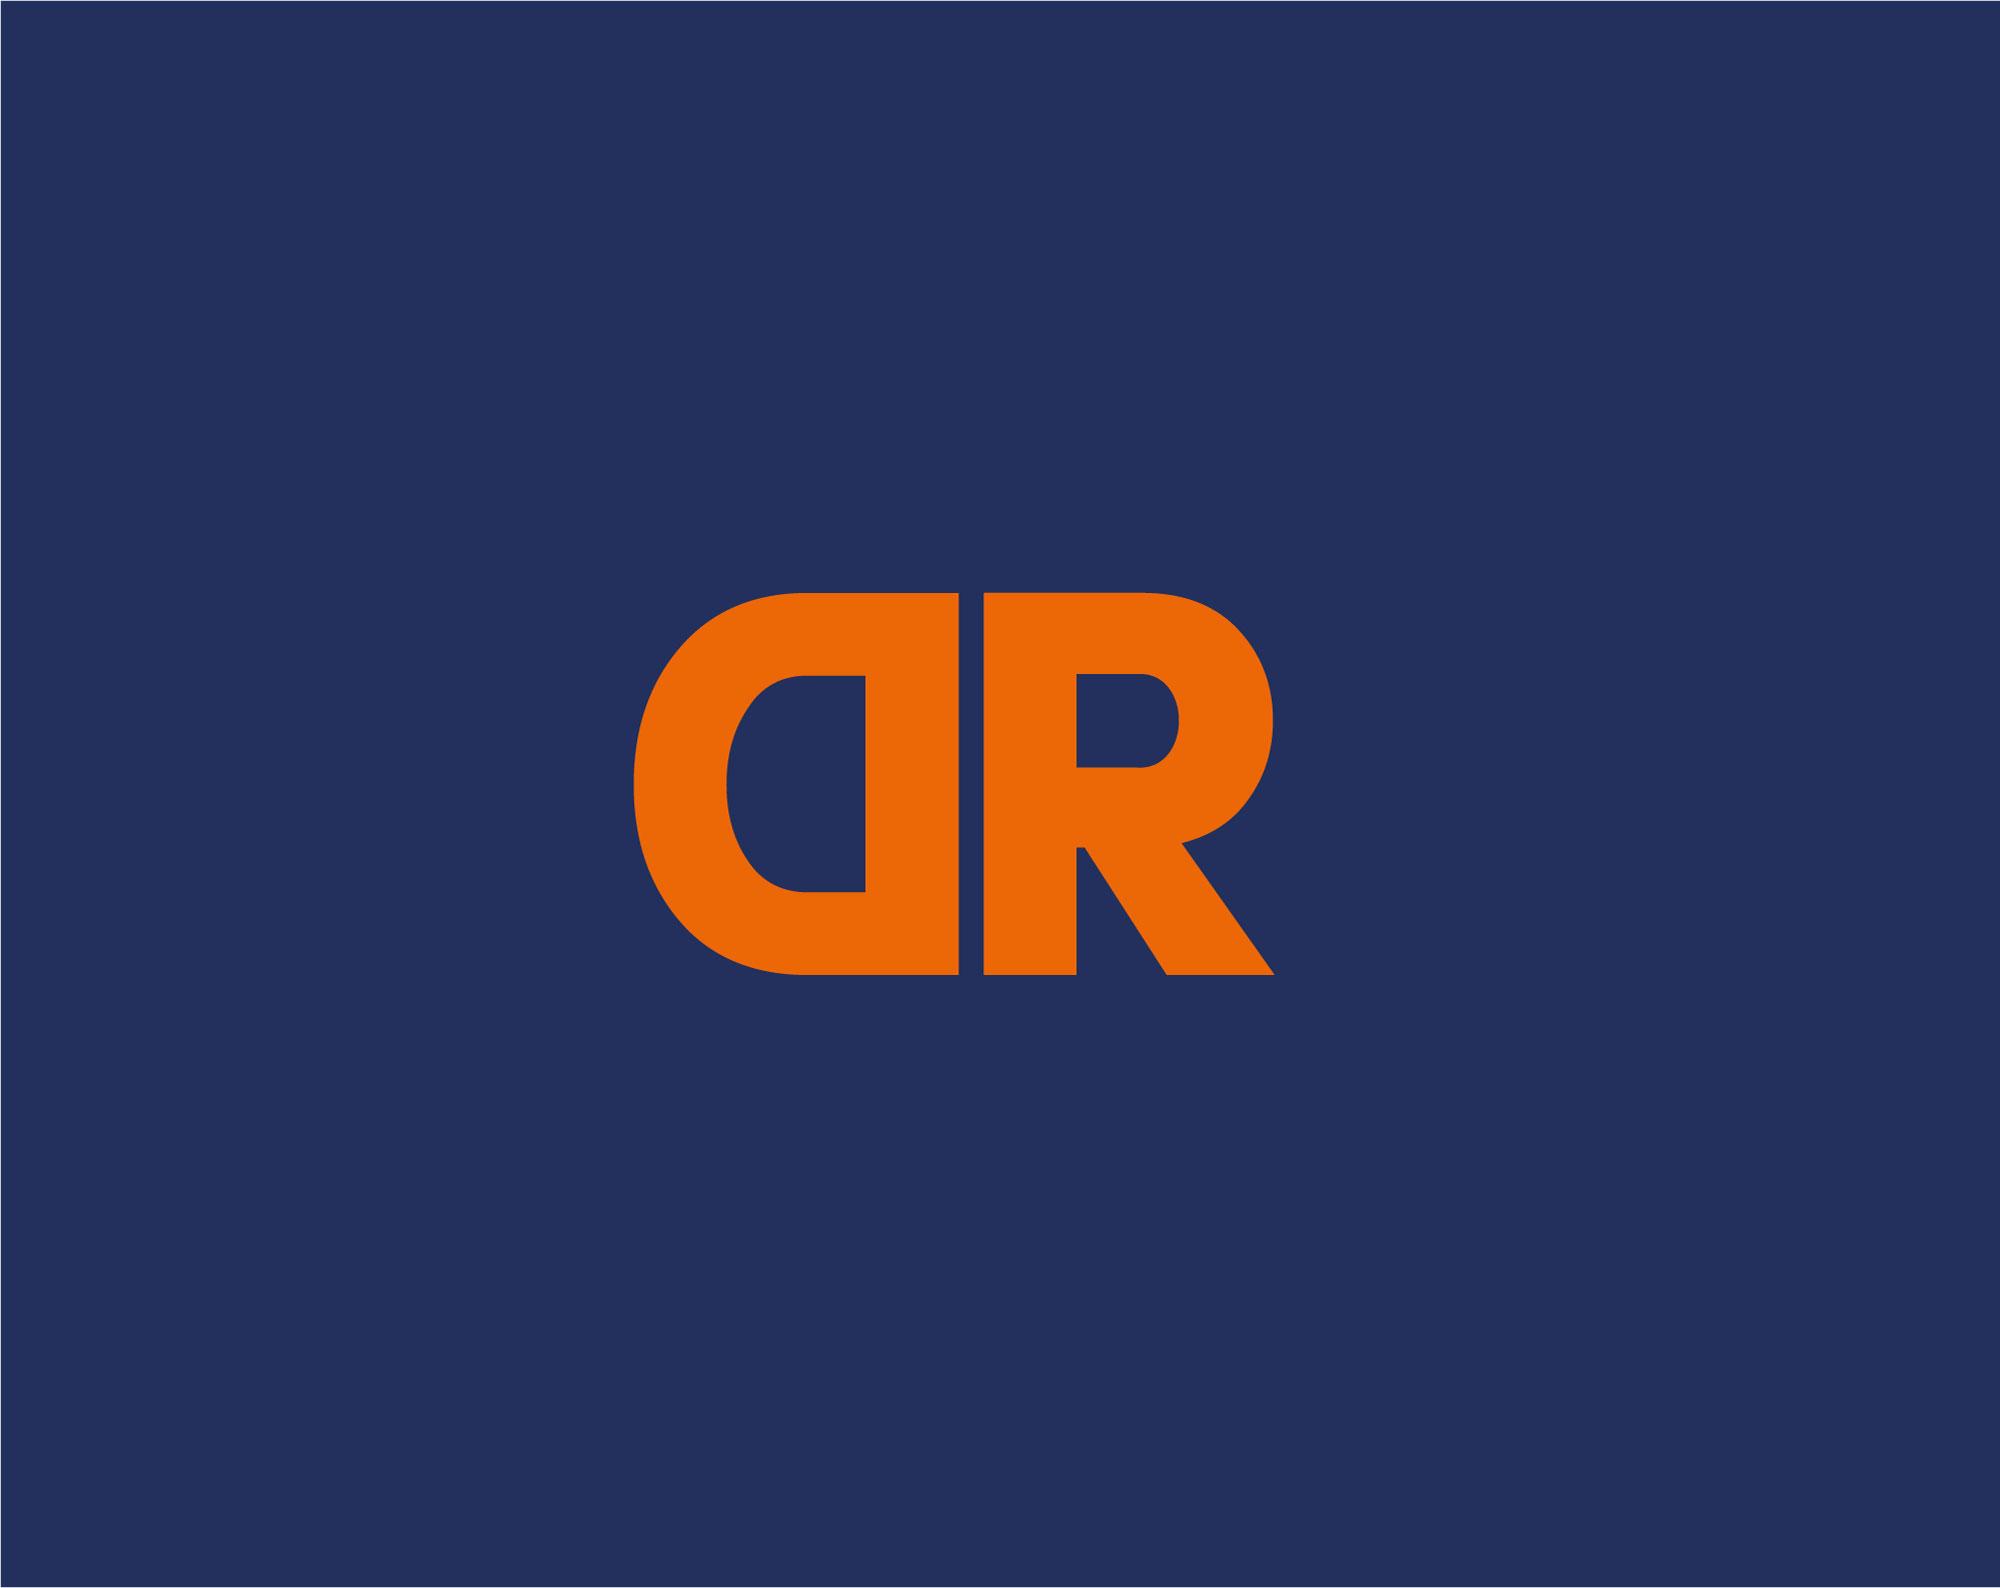 Dackman Redovisning logotyp symbol illustration